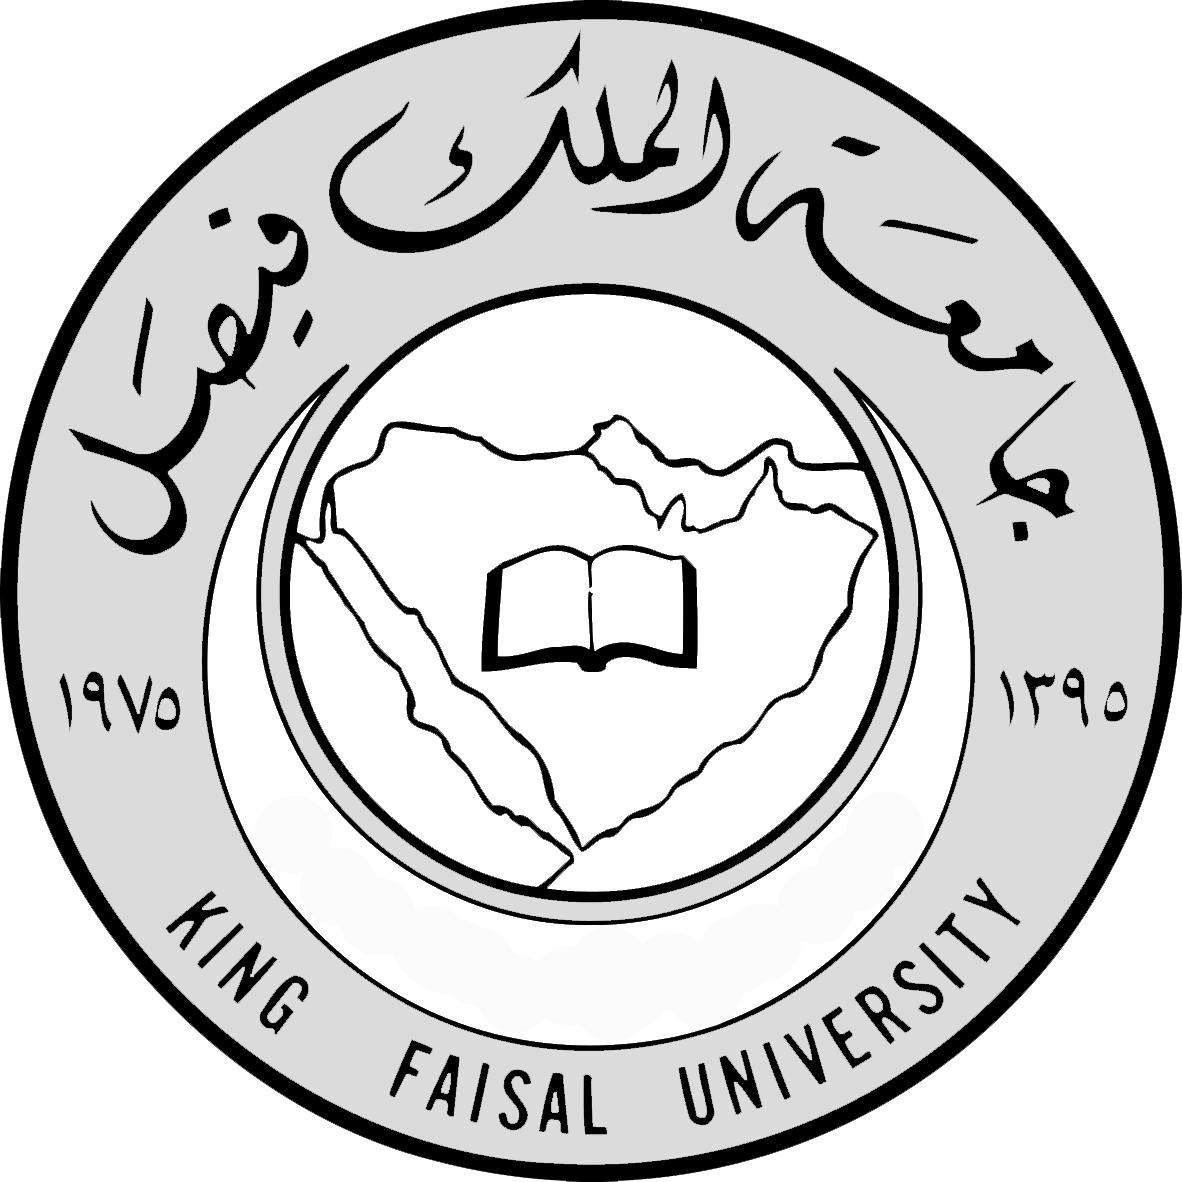 وظائف فنية وصحية للرجال وللنساء في جامعة الملك فيصل